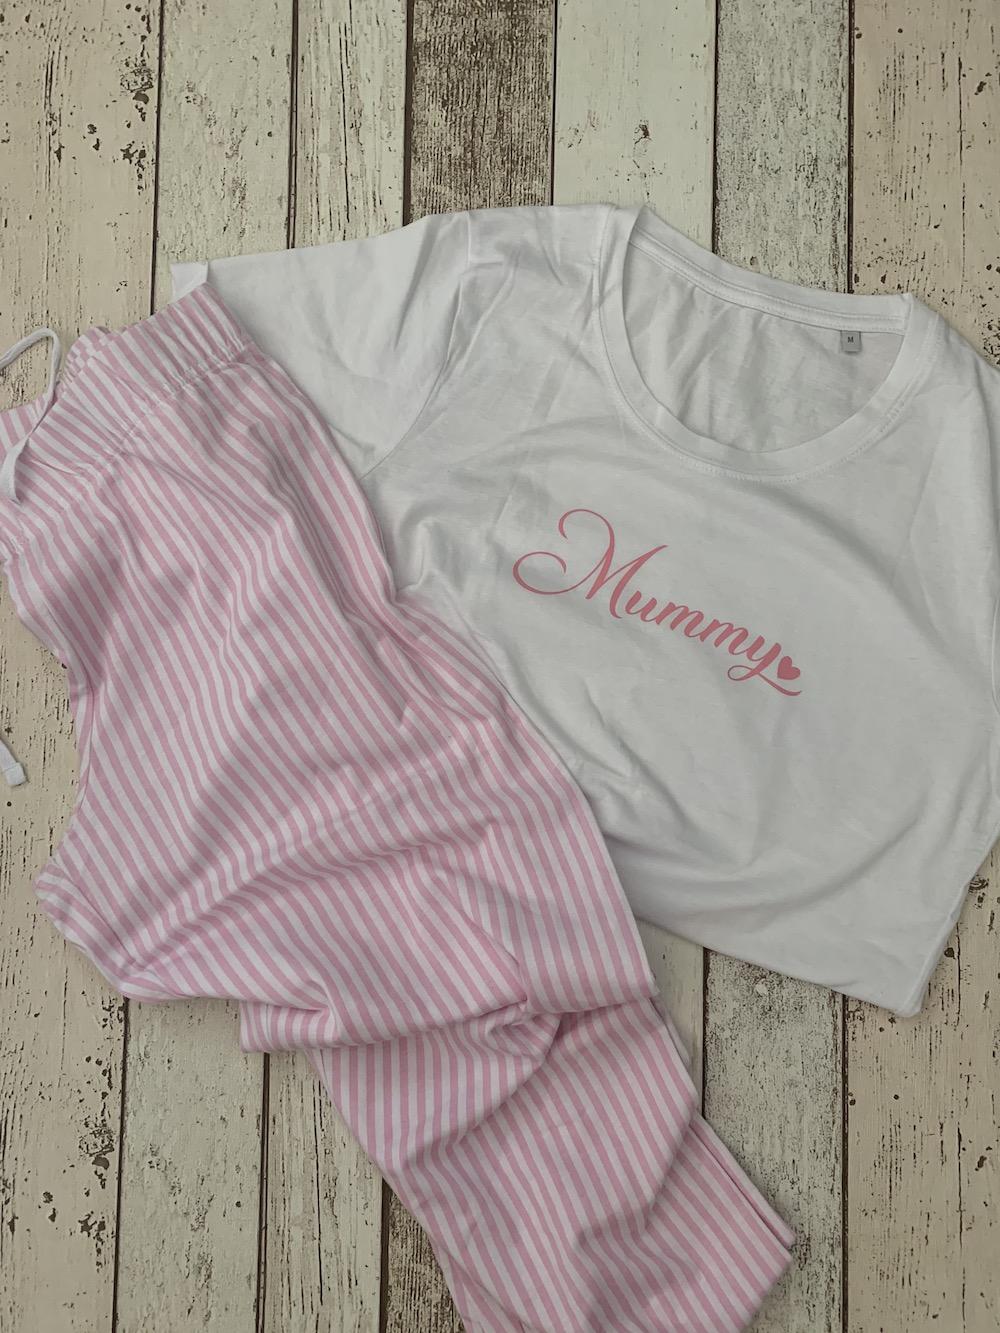 Womens Pyjamas – Pink Stripe – Size Medium